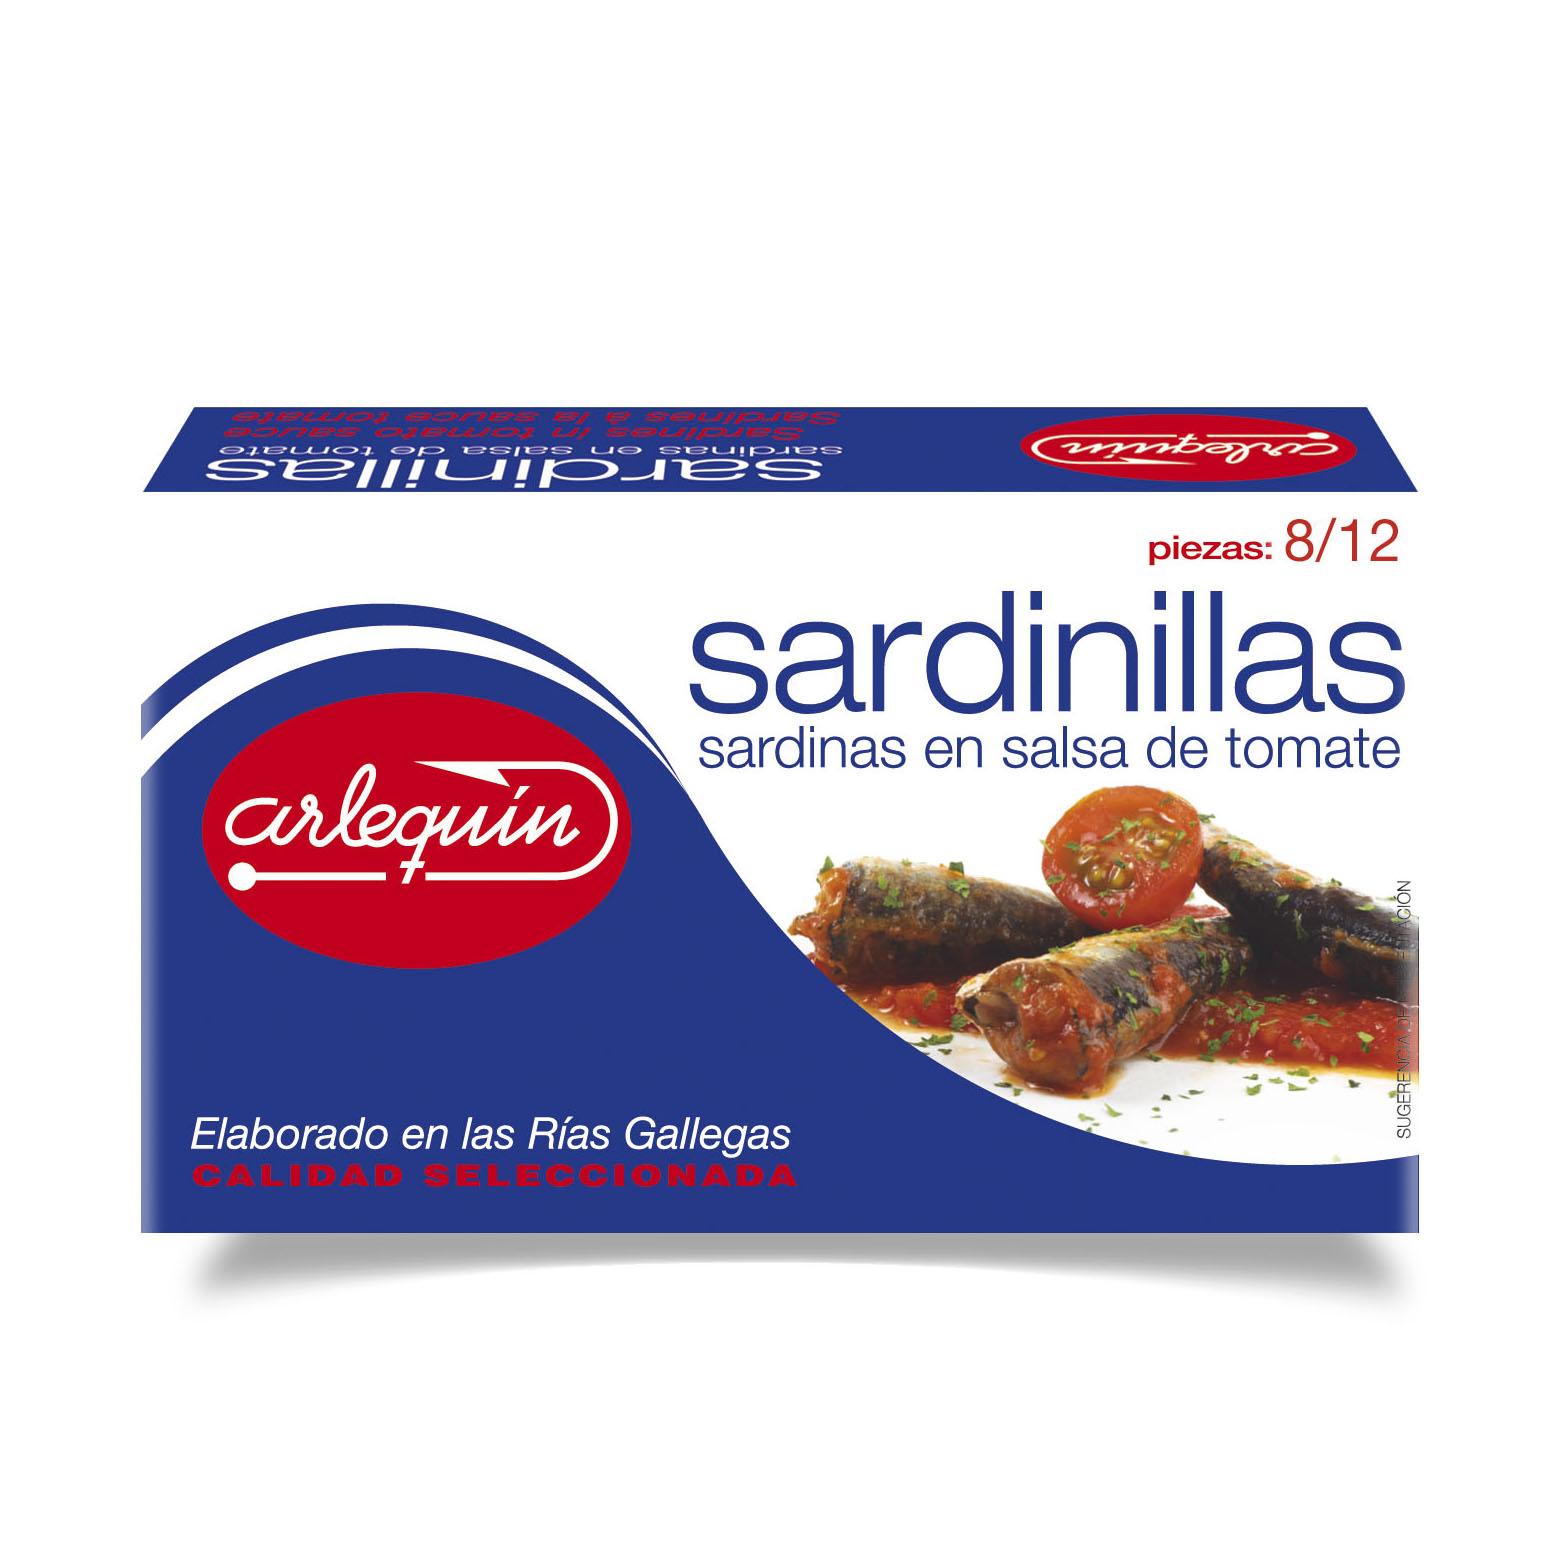 Sardinillas - Conservas Arlequín